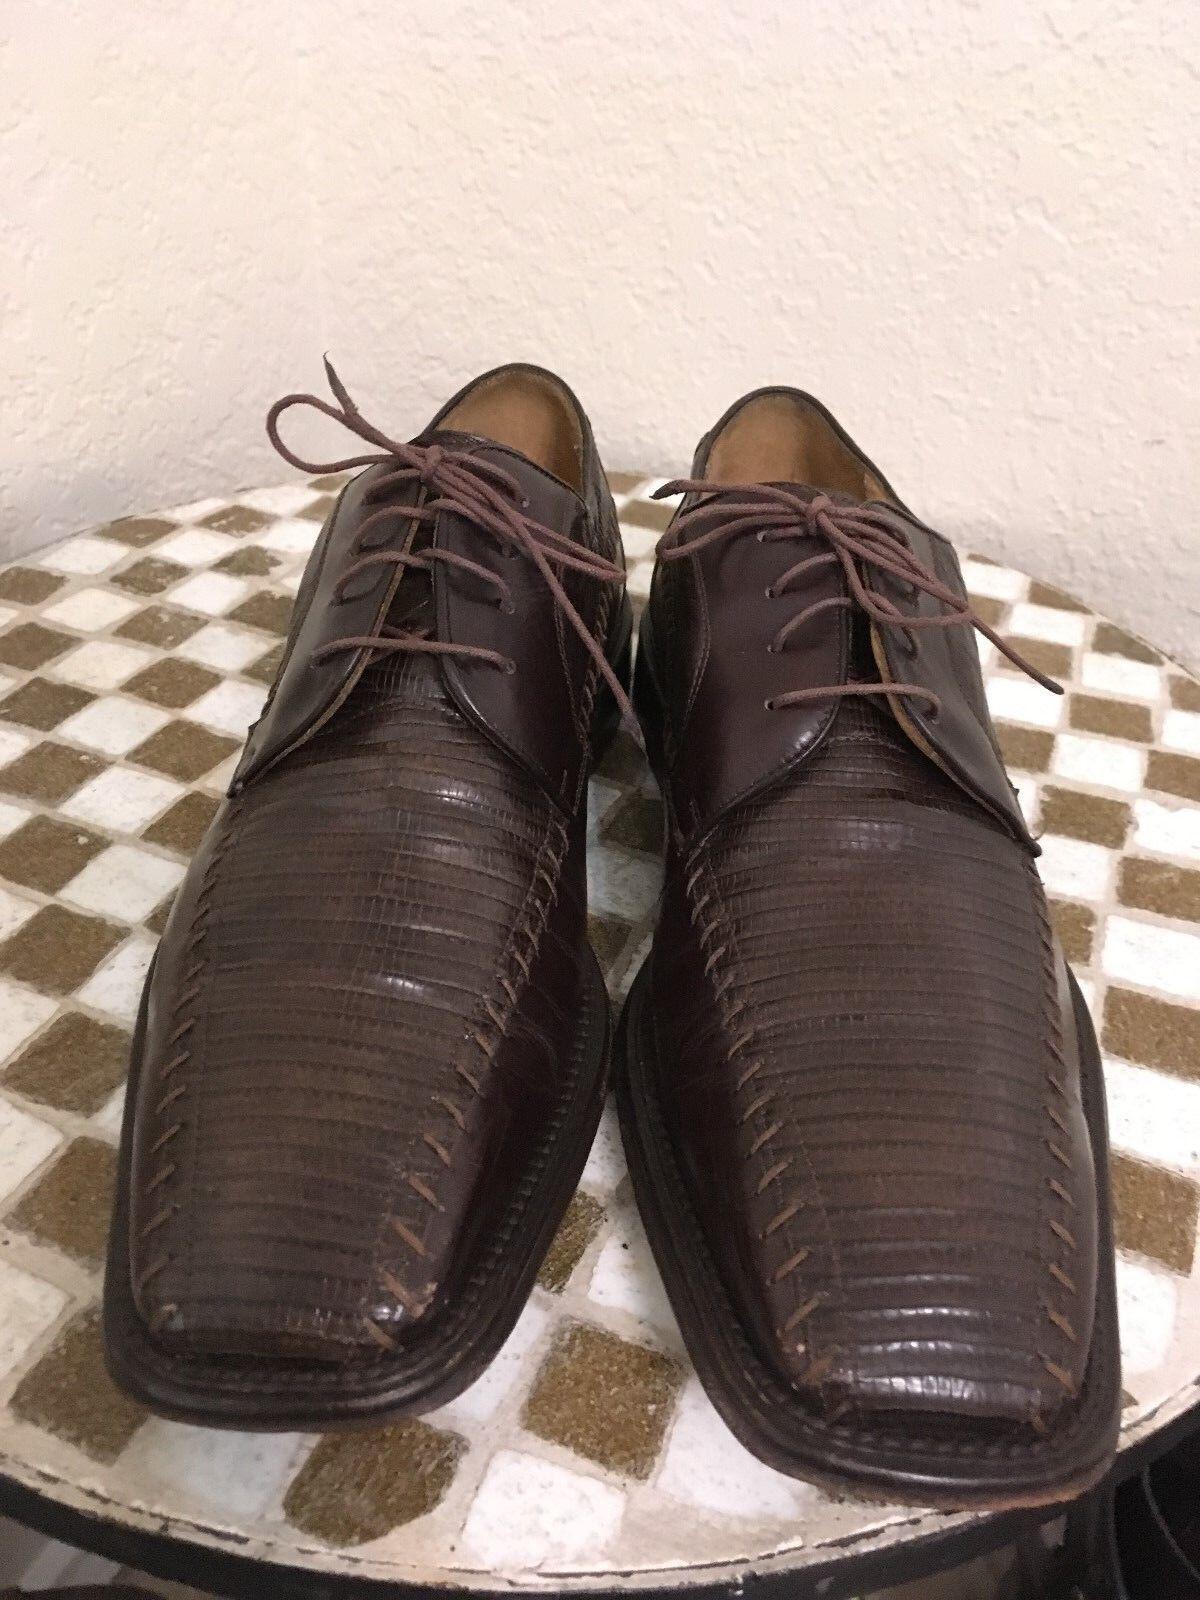 Mezlan lagarto con Cordones Marrón Zapatos Oxford del negocio 8 M